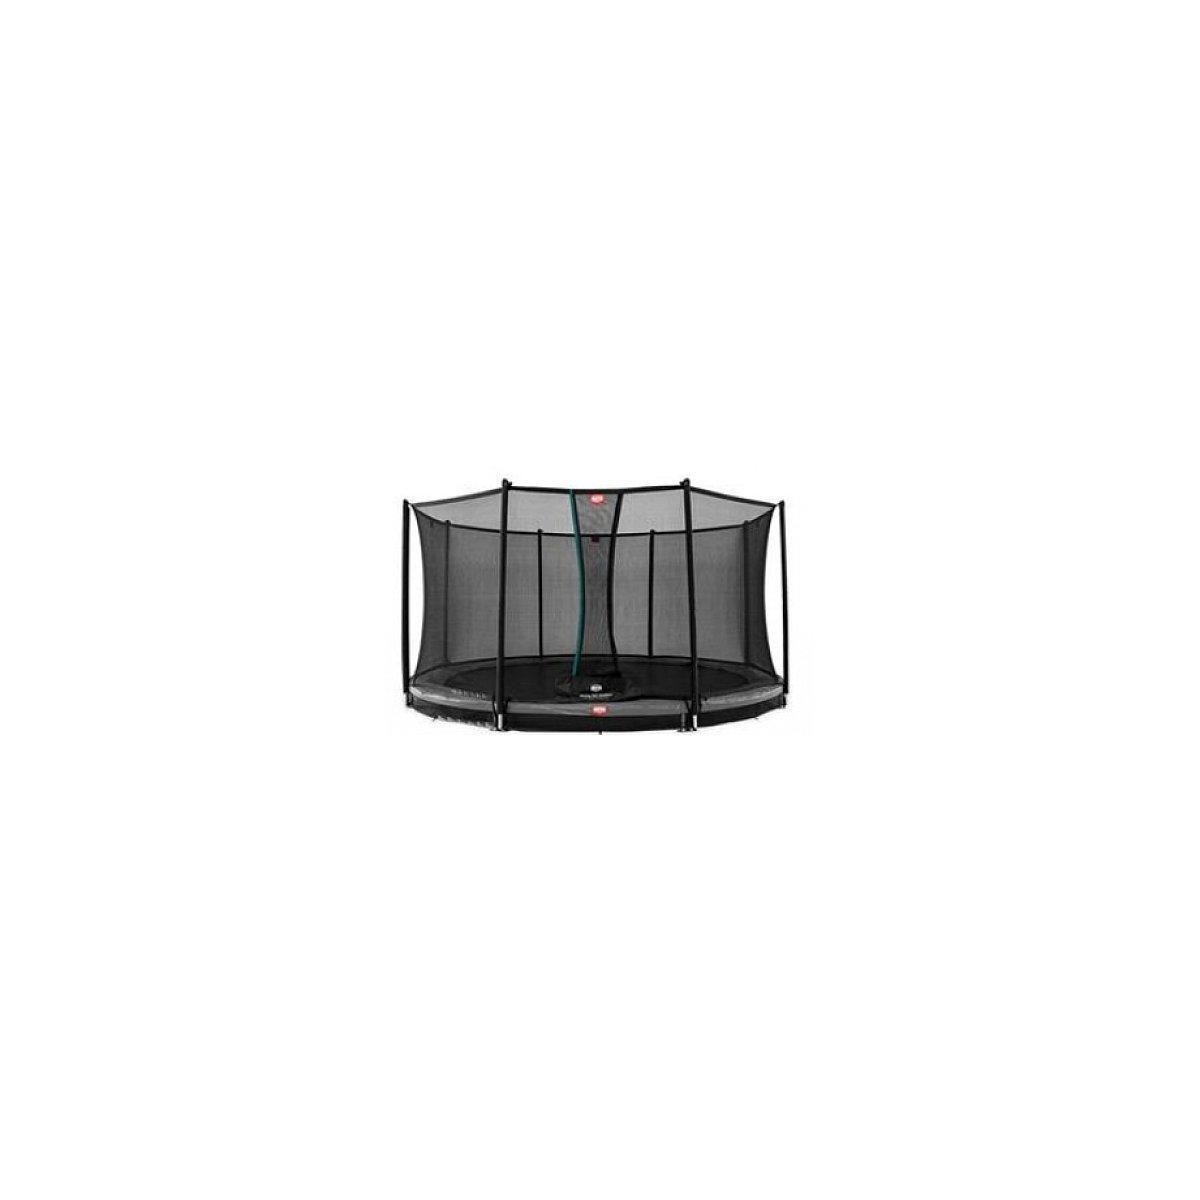 Berg® Trampolin InGround Champion mit Sicherheitsnetz Comfort, 380 cm, Randbezug Grau